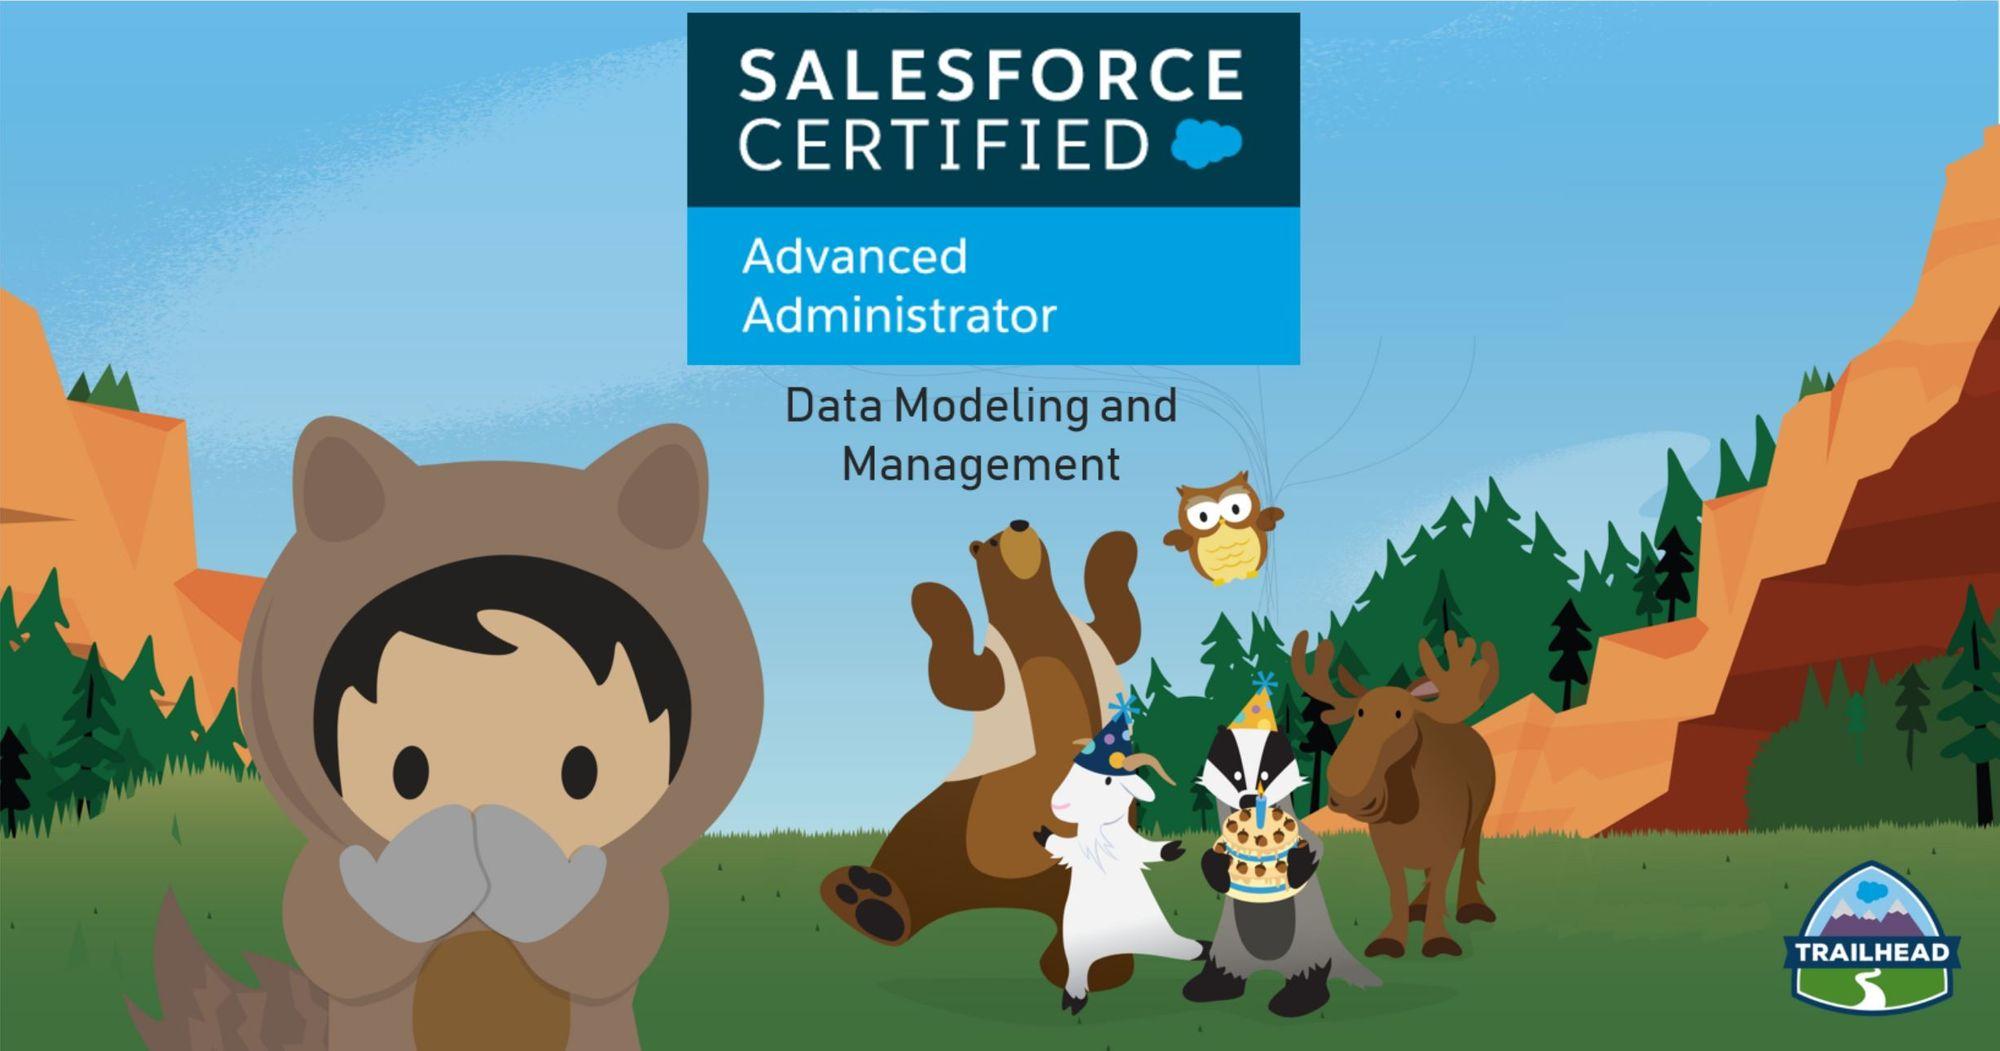 Salesforce Platform Dev II Exam Preparation: Data Modeling and Management